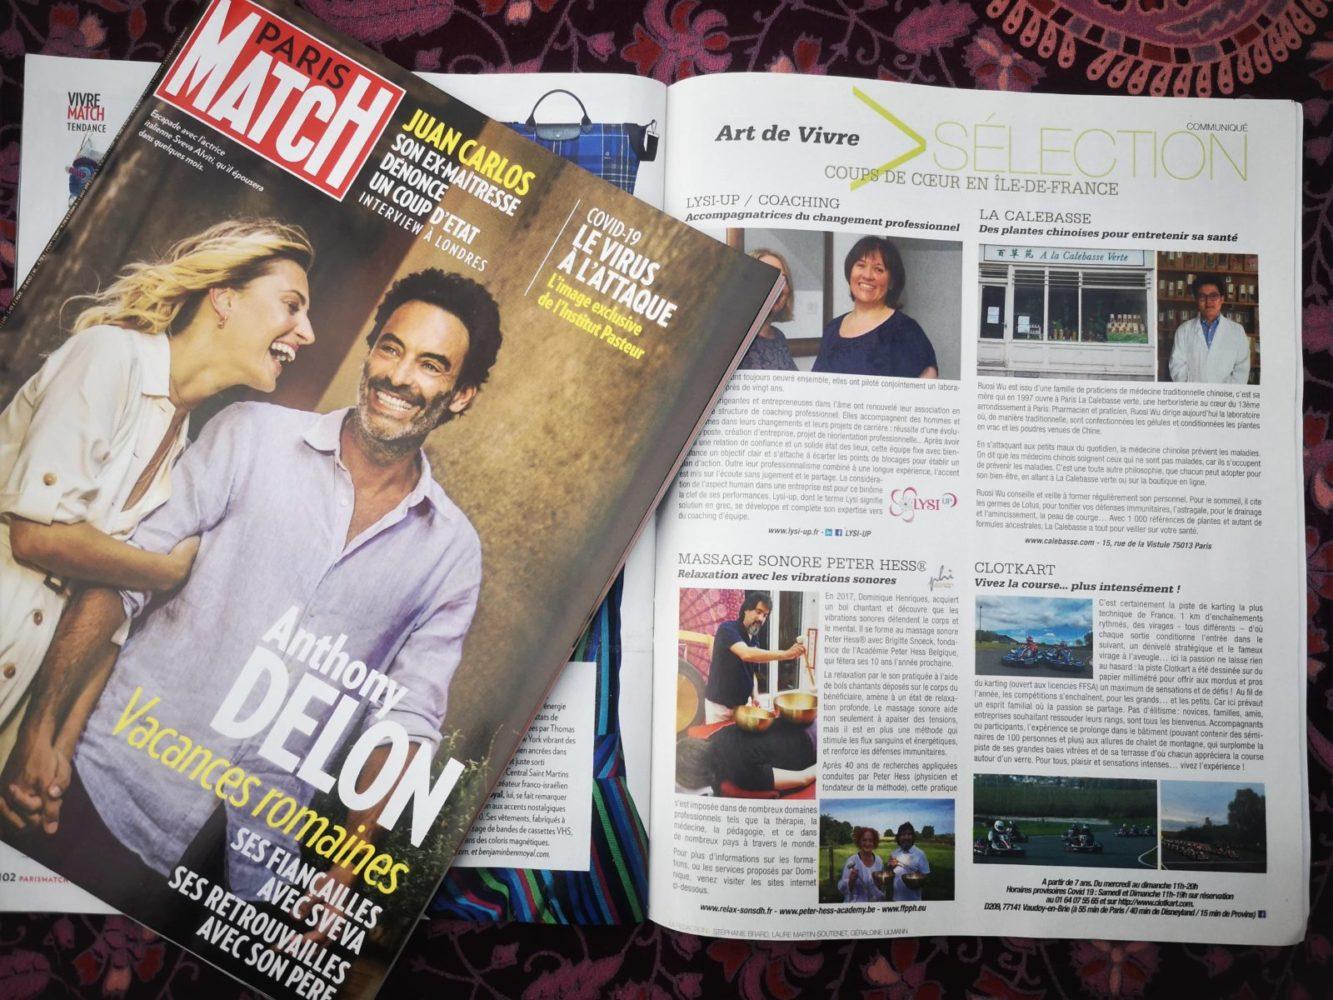 Publication sur le massage sonore Peter Hess® dans le magazine PARIS MATCH